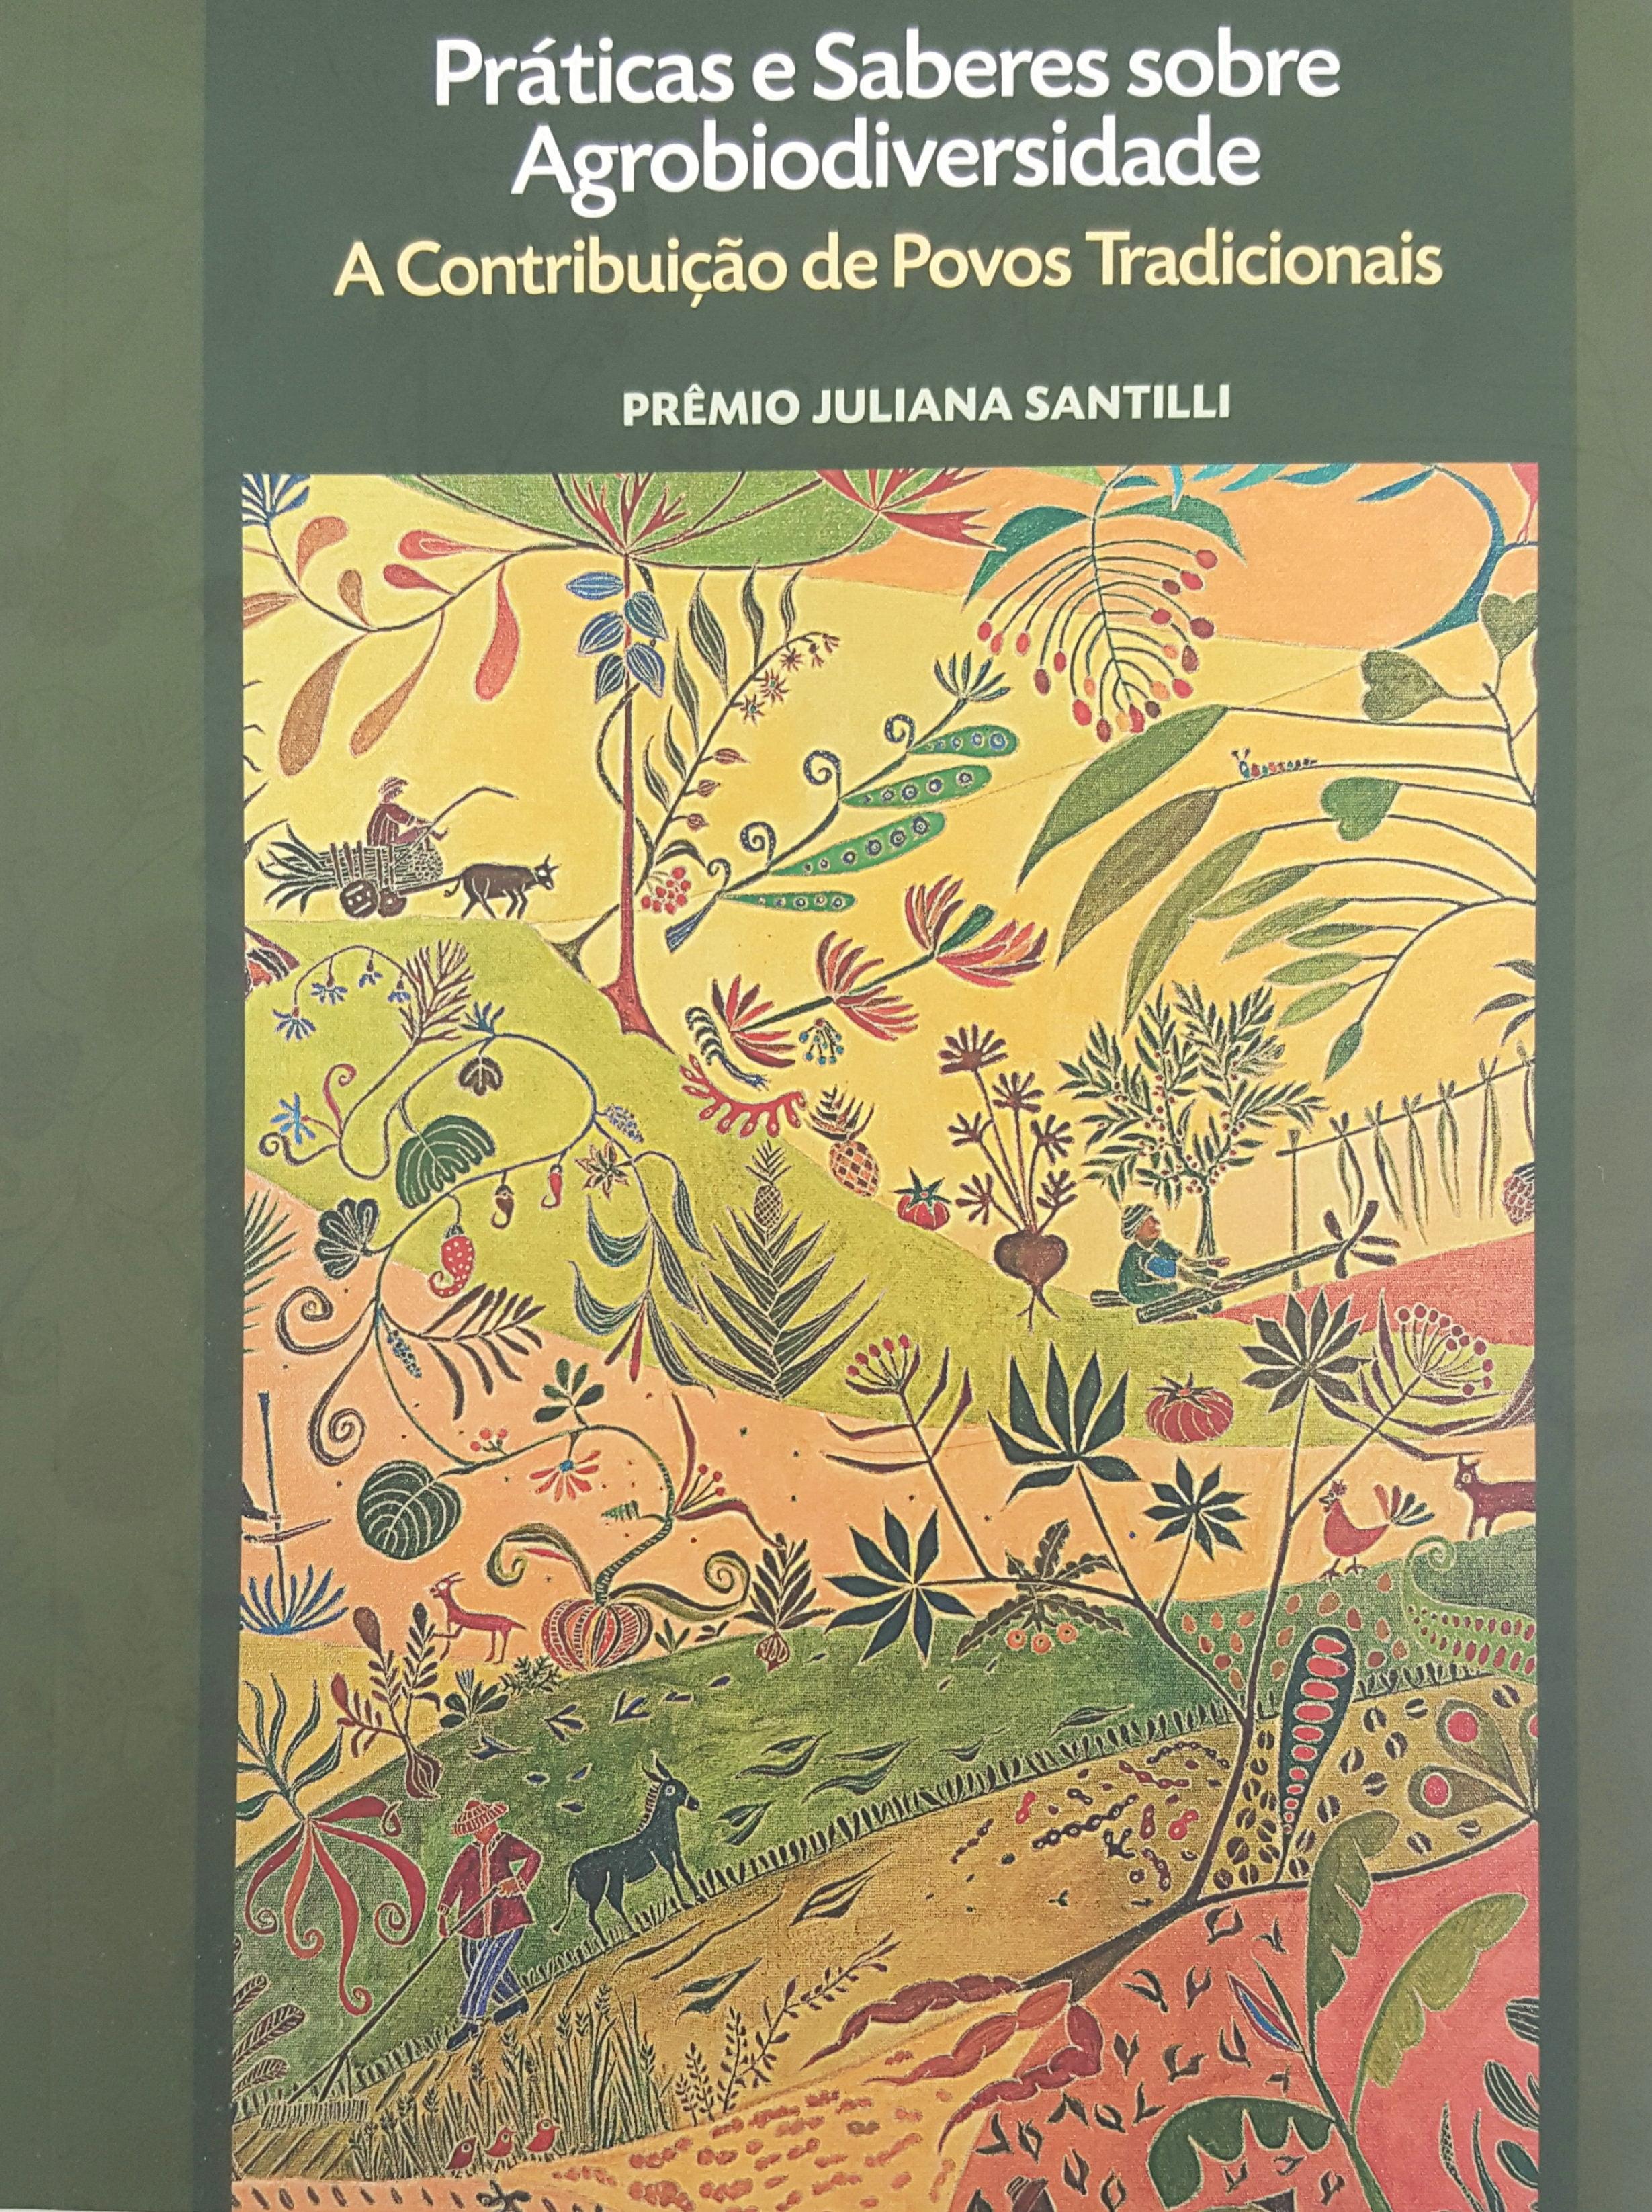 Praticas e Saberes sobre Agrobiodiversidade – A contribuição de Povos Tradicionais